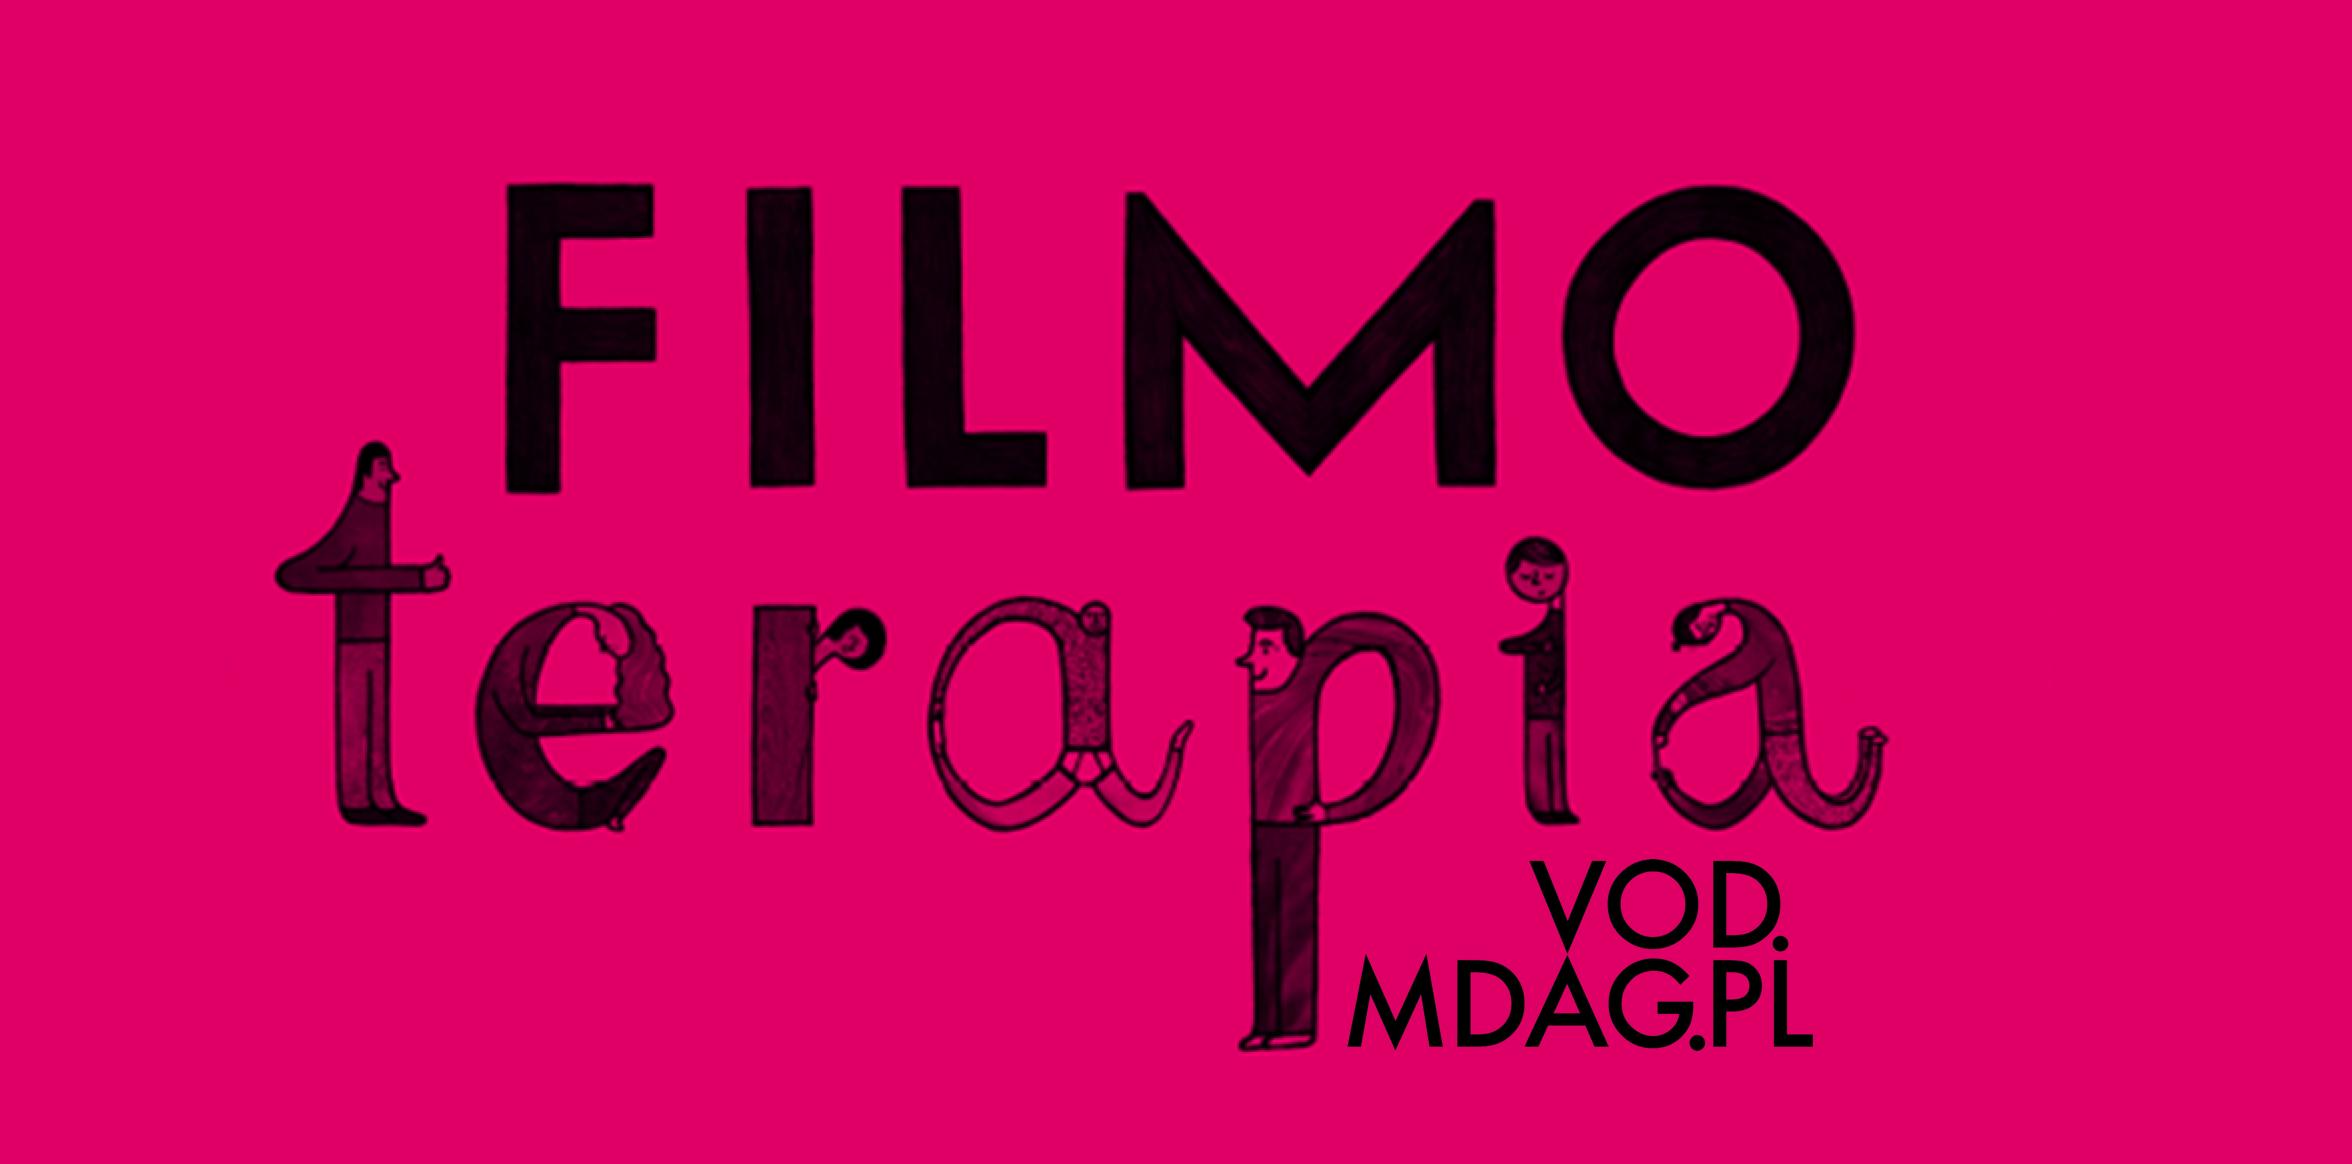 Filmoterapia na  VOD.MDAG.PL